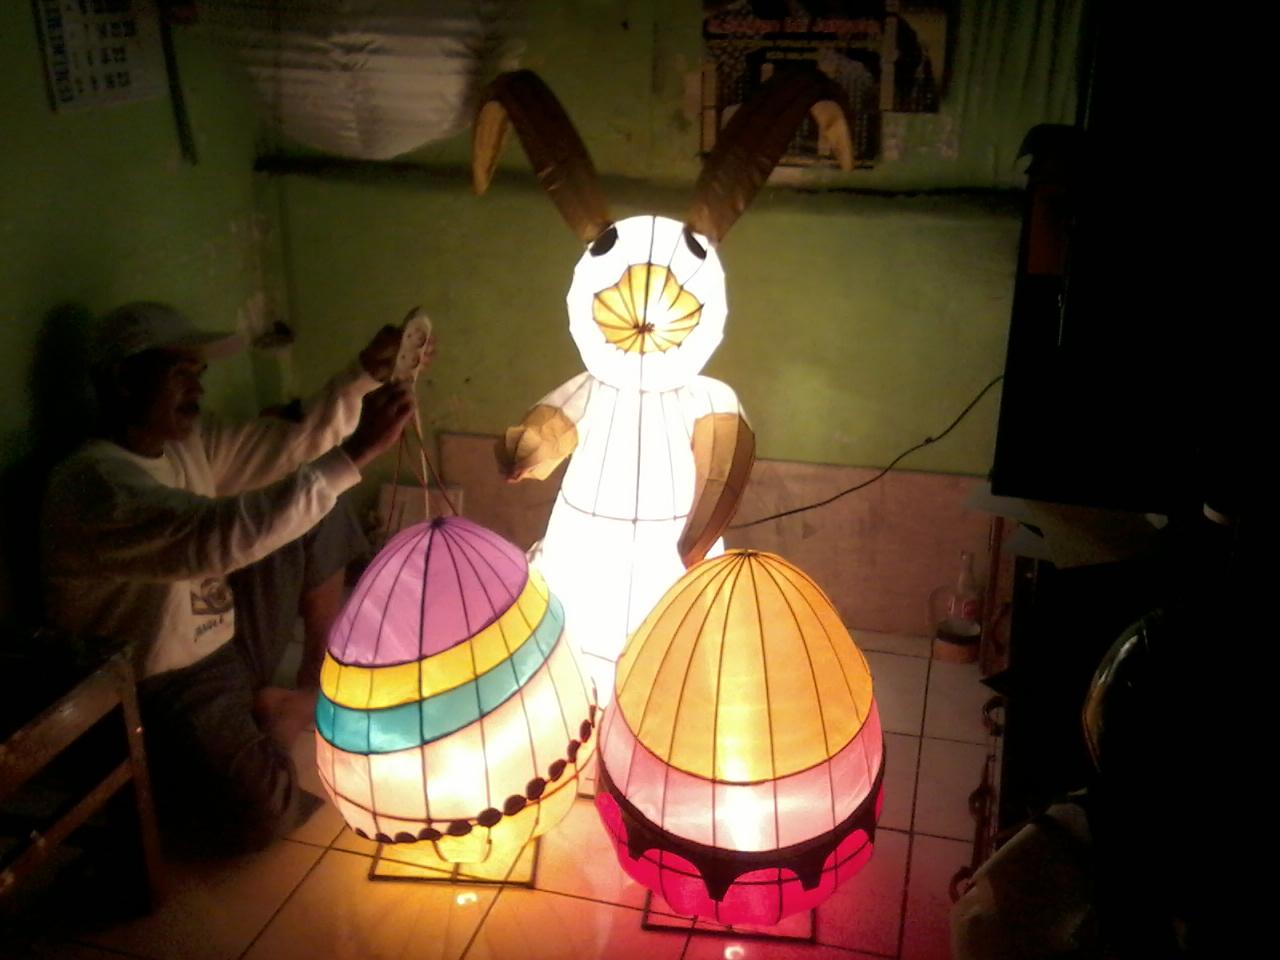 Jual LAMPION KELINCI PASKAH - LAMPION KARAKTER - LAMPION MURAH